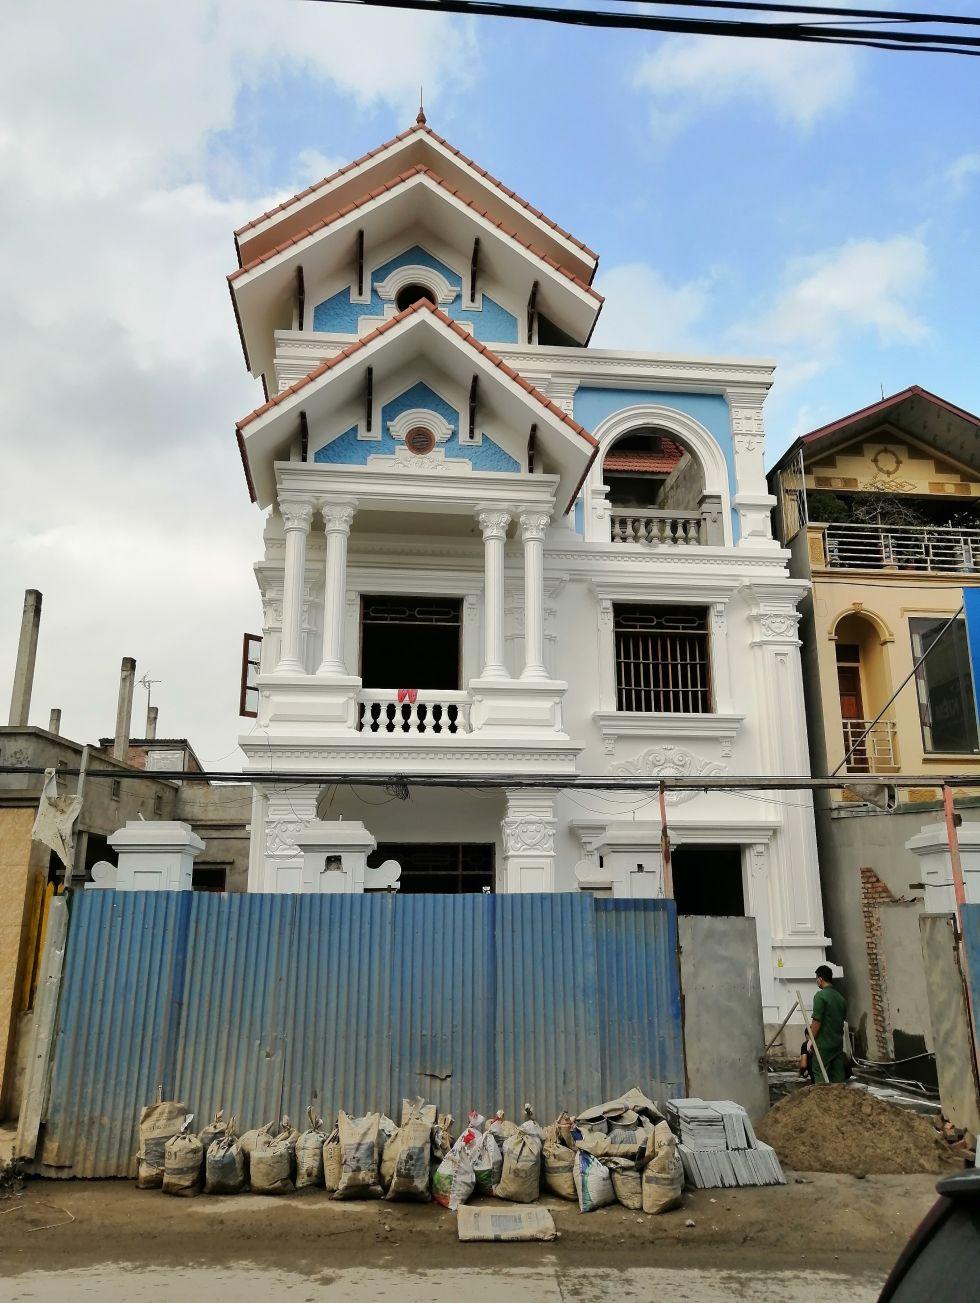 Thi công biệt thự tân cổ 4 tầng tại Hưng Yên